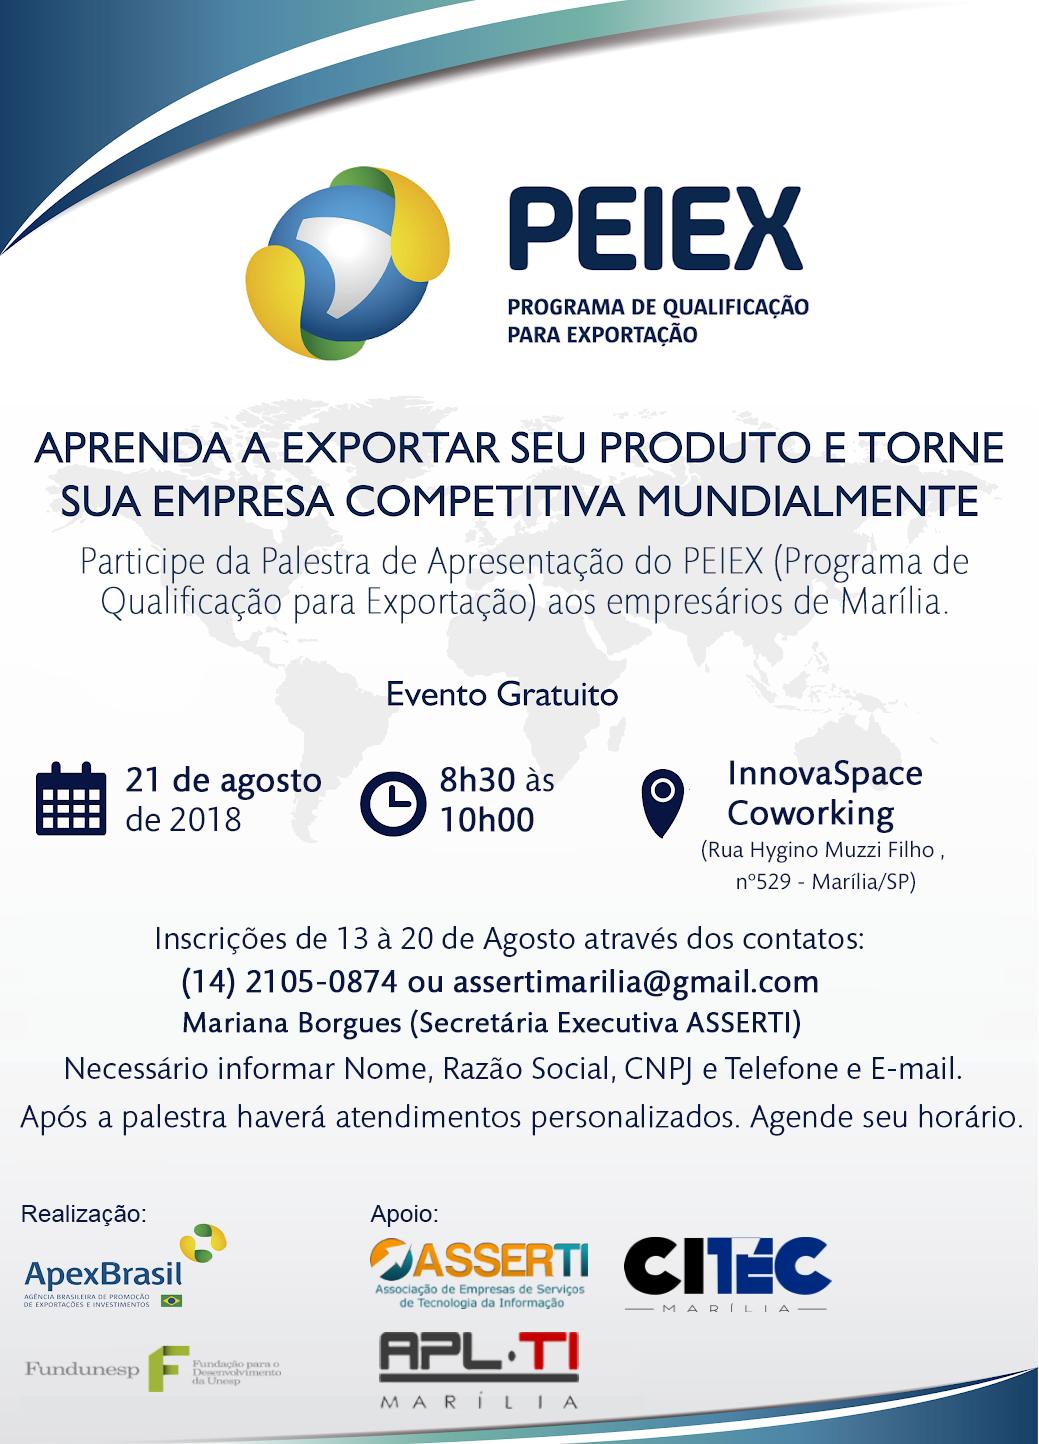 PEIEX.png